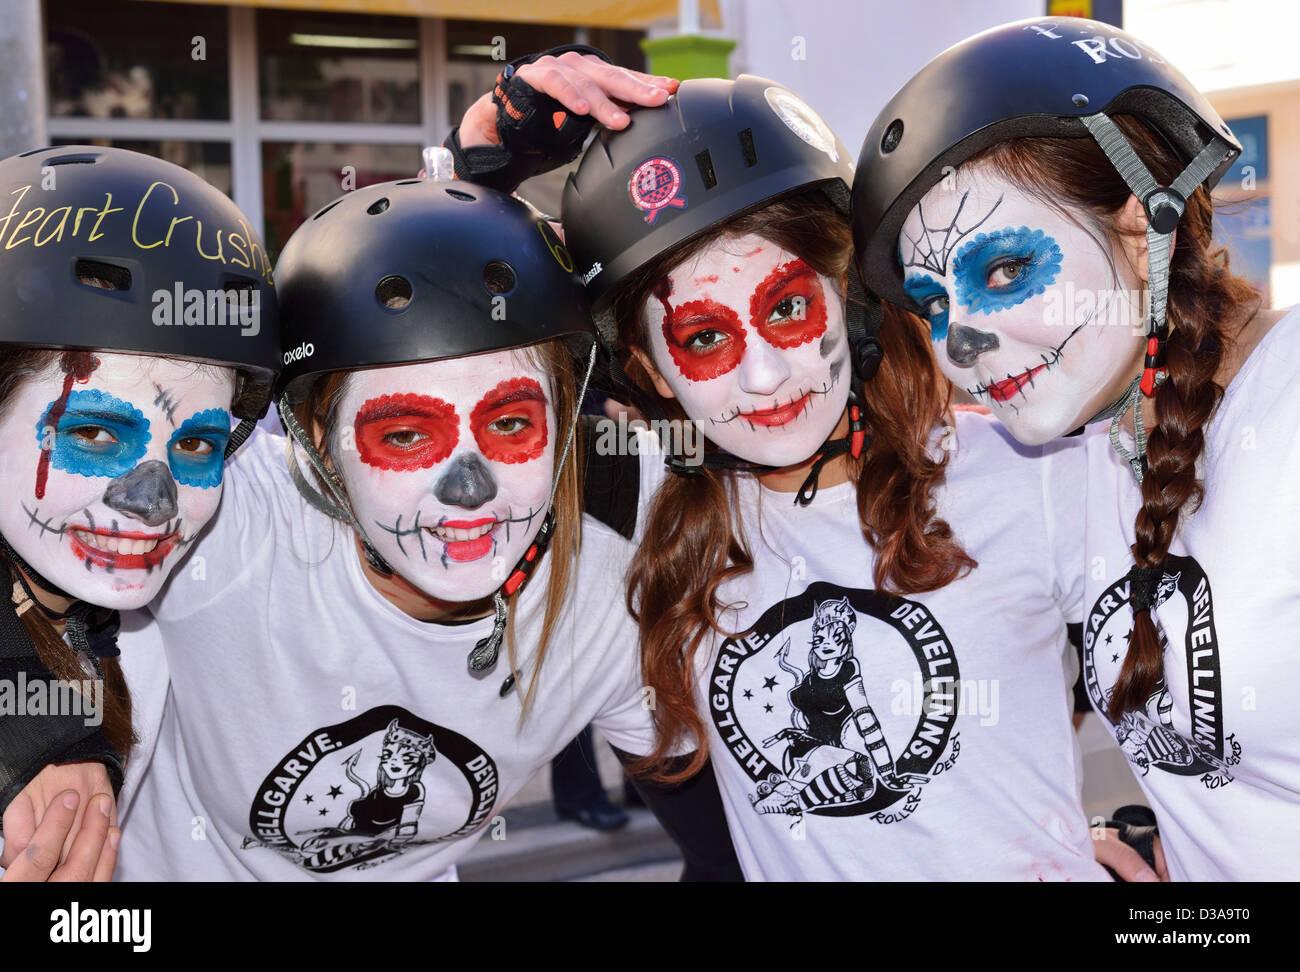 Il Portogallo, Algarve. Le ragazze del gruppo di skater 'Hellgarve Devellinns' alla sfilata di carnevale Immagini Stock